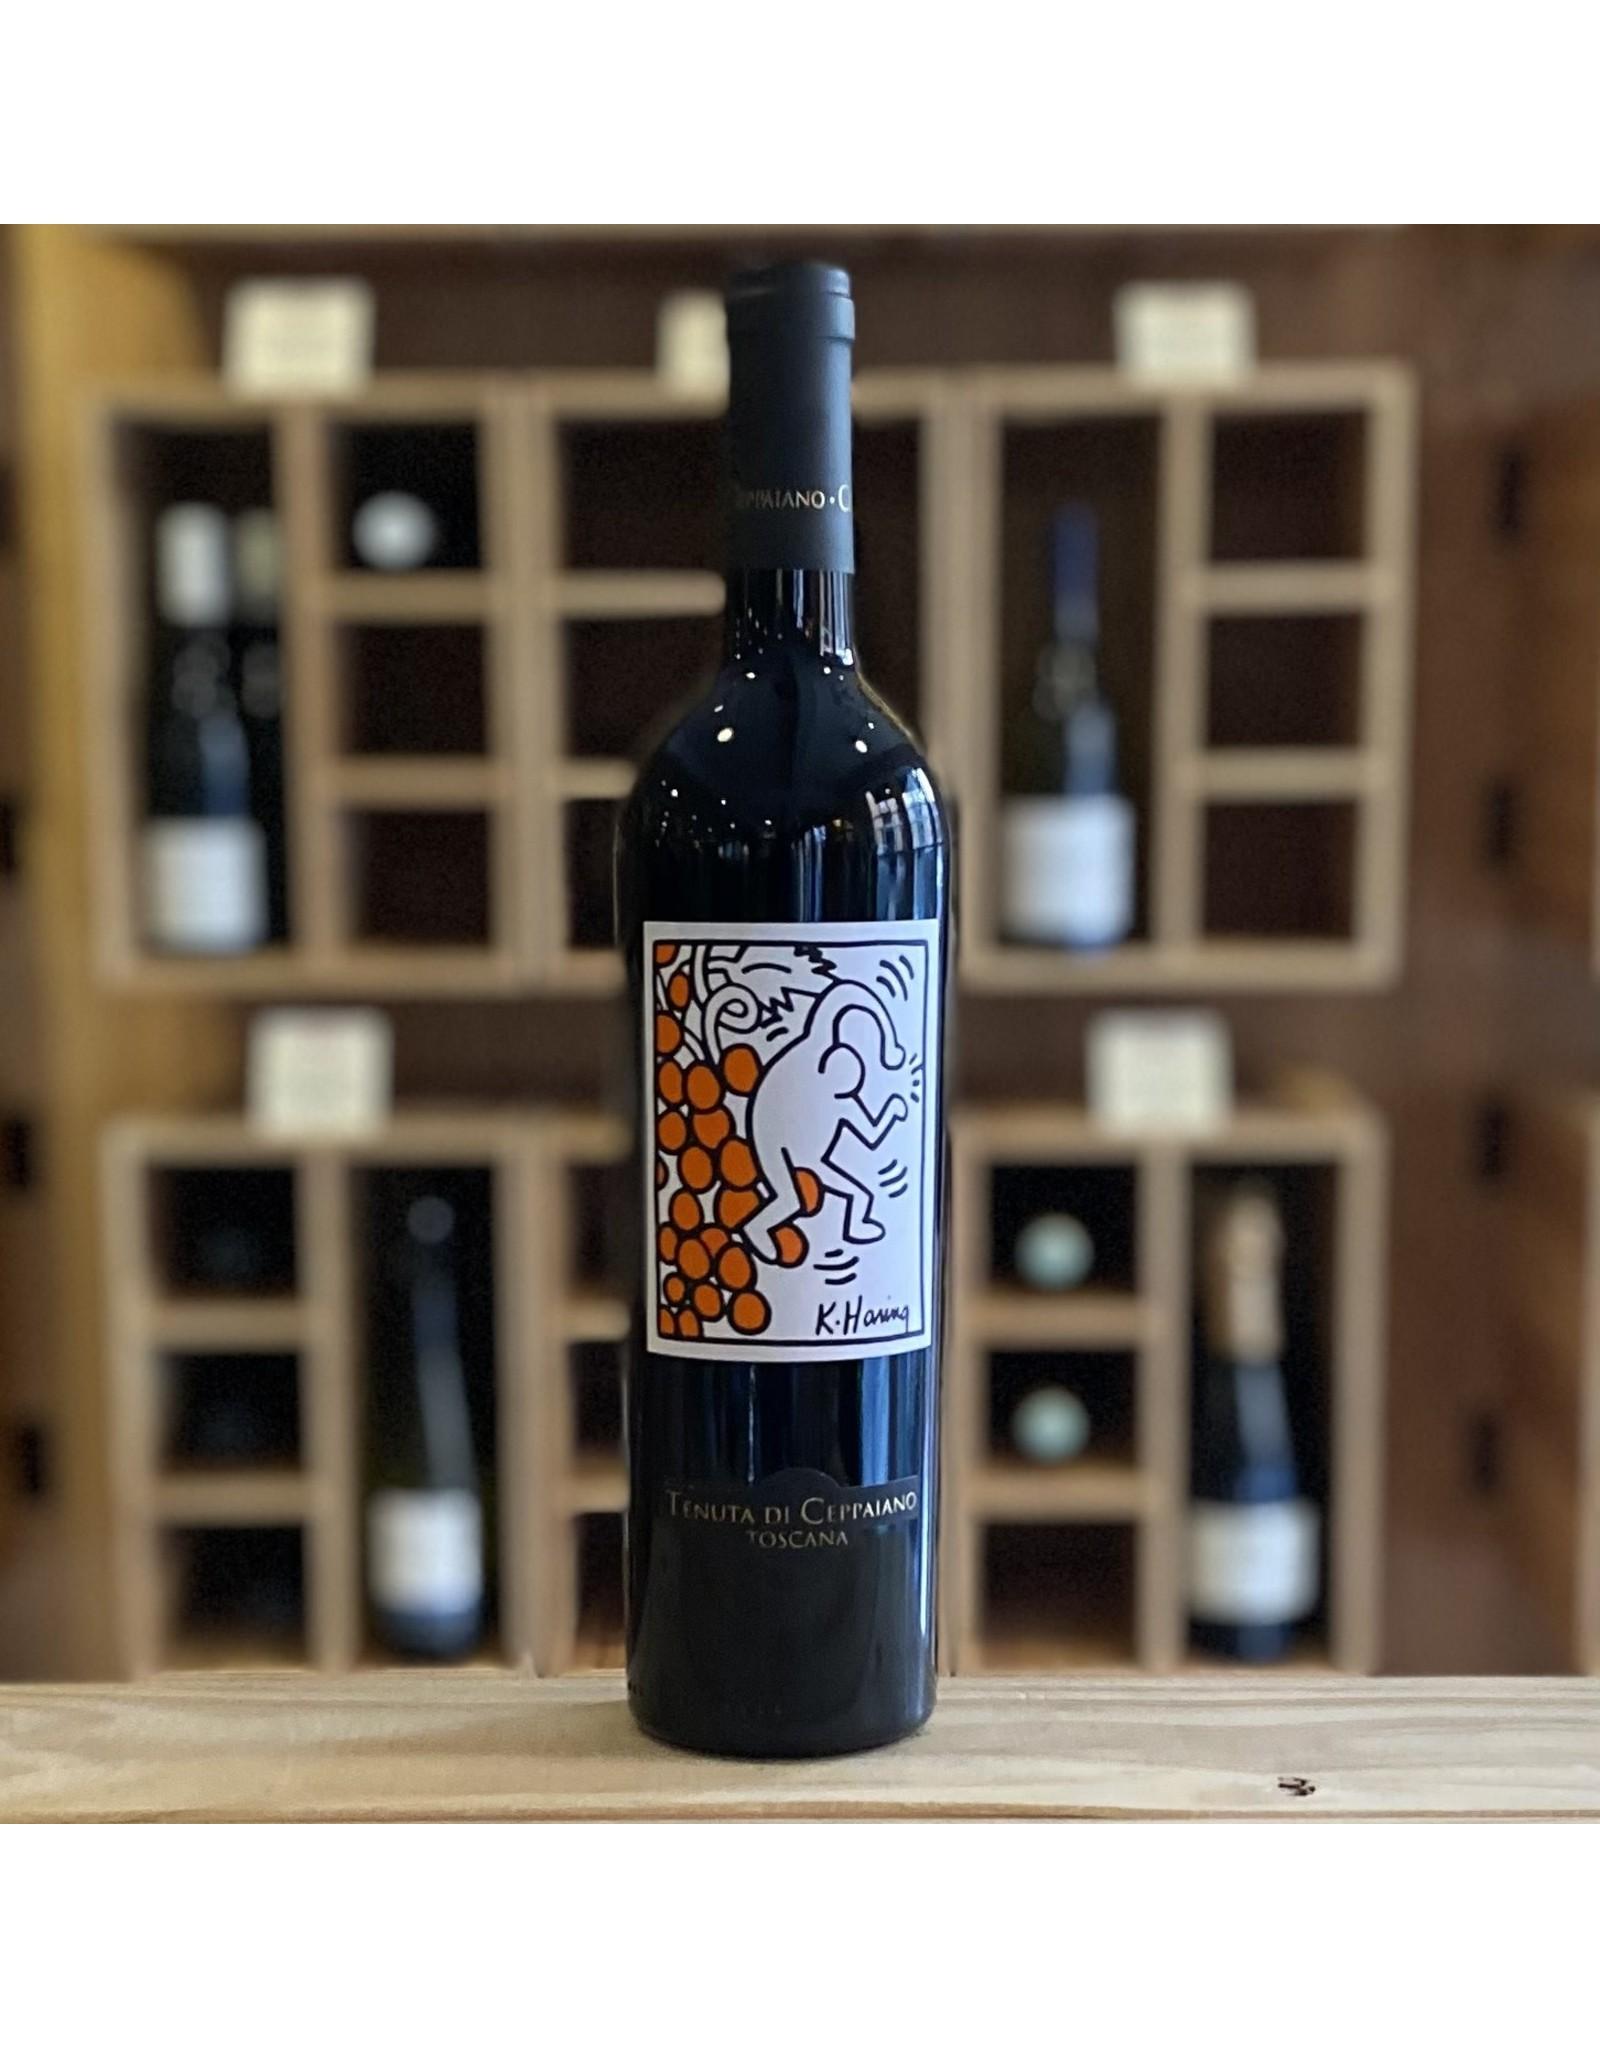 Tuscany Tenuta Di Ceppaiano ''Keith Haring'' Rosso 2015 - Tuscany, Italy